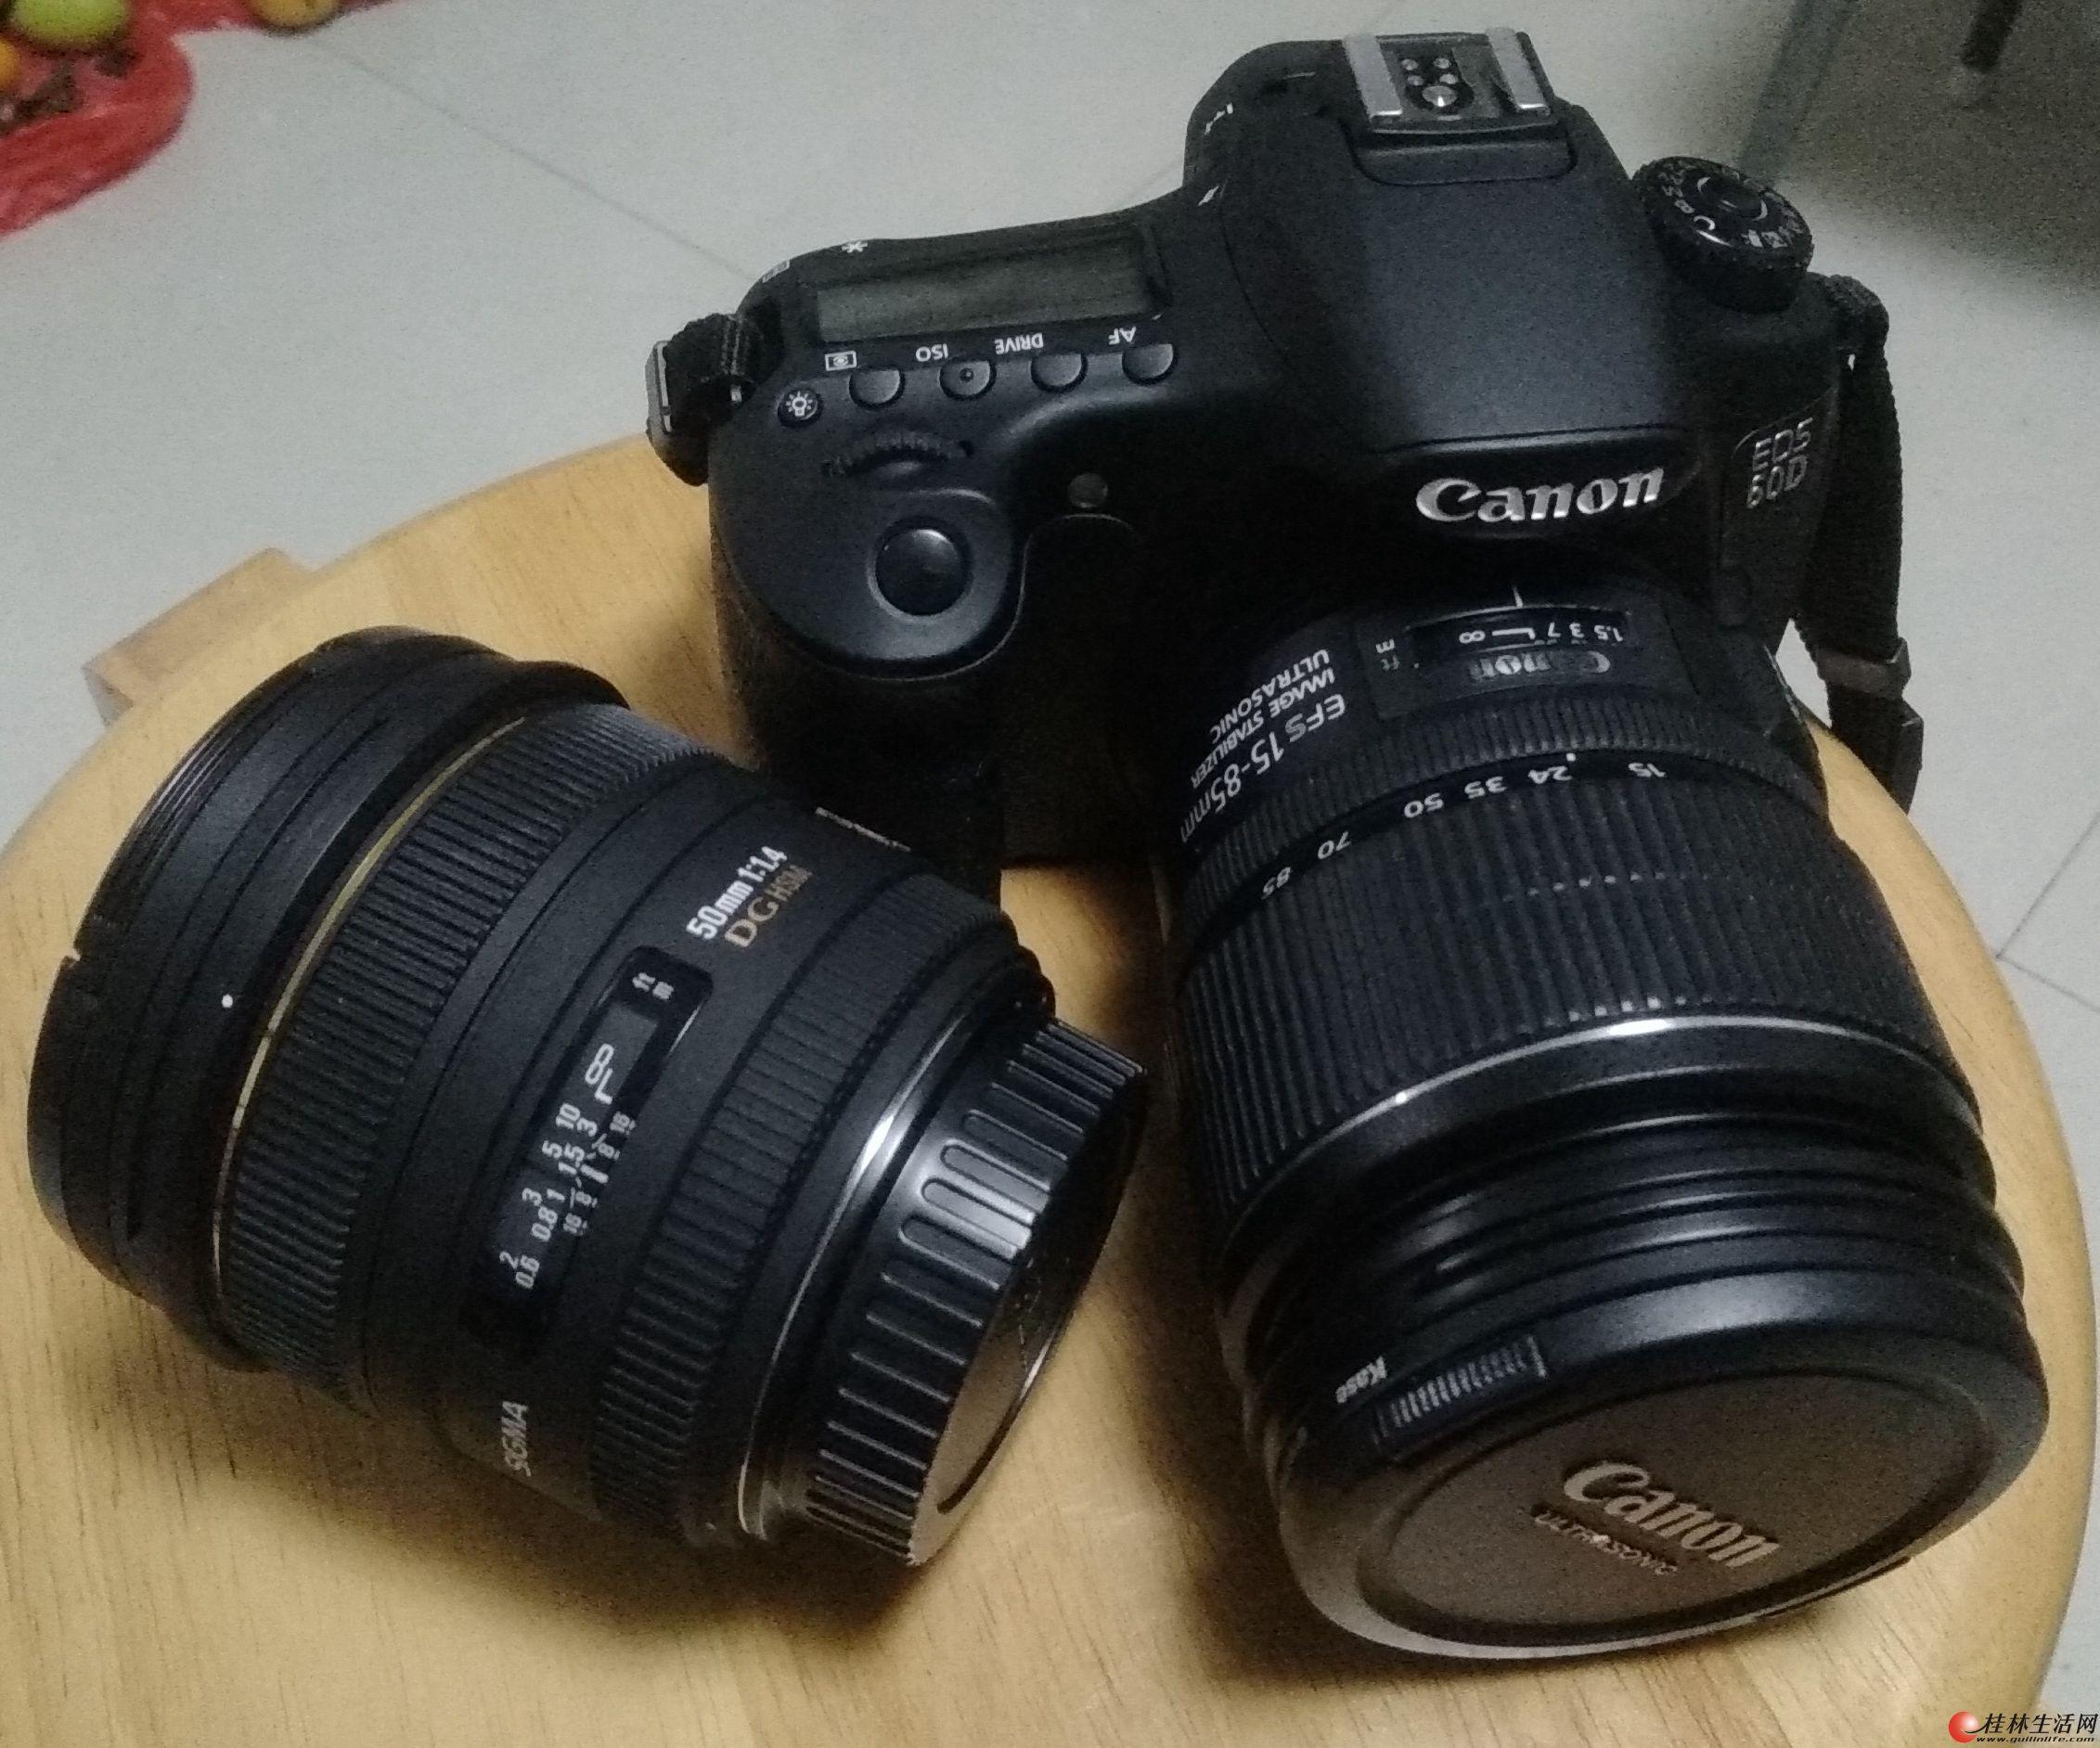 佳能双镜头中端单反高端配置数码相机60D